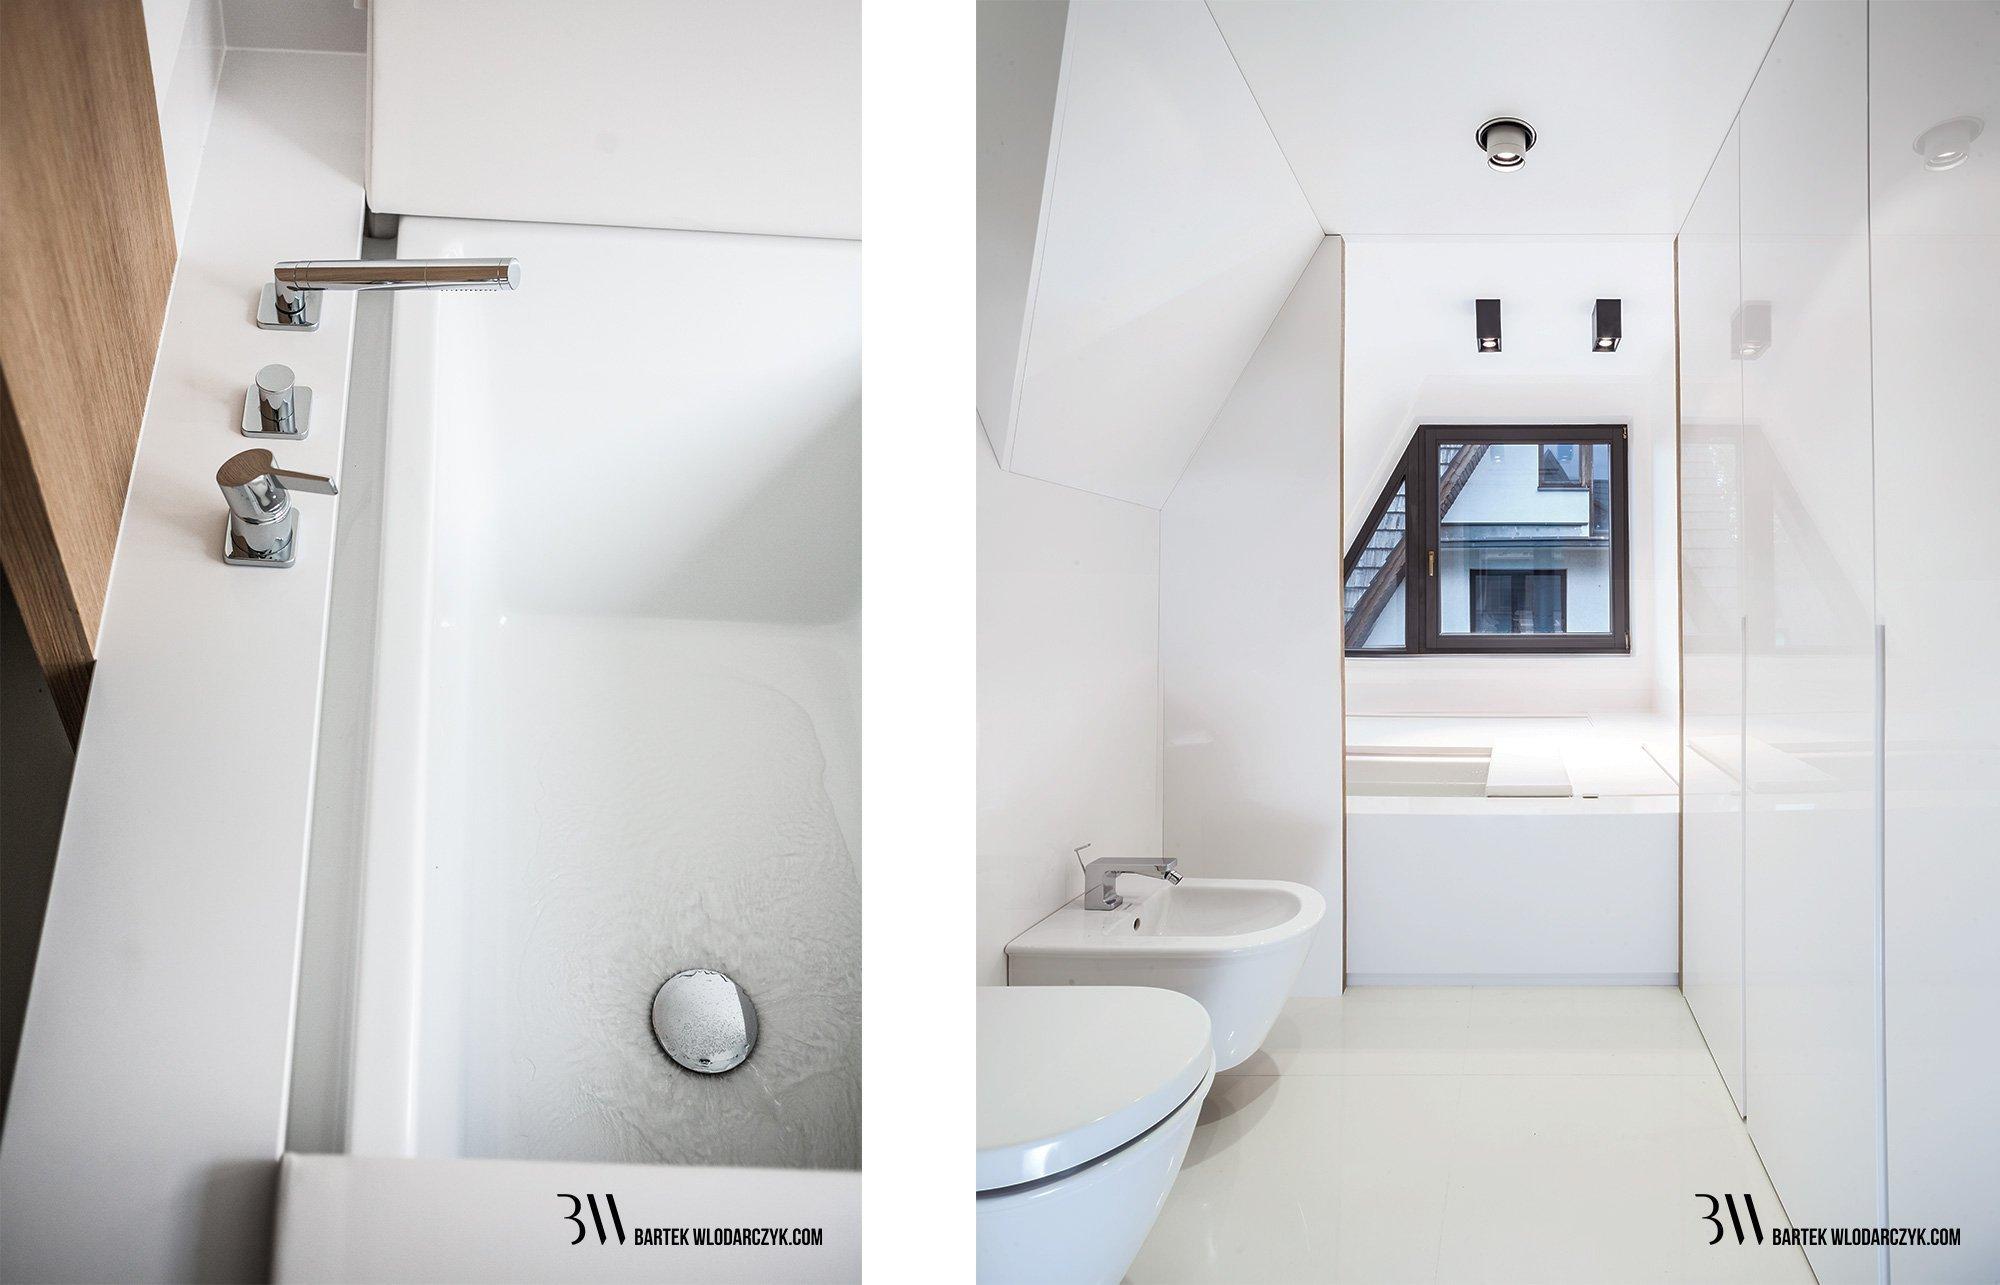 I jednoduše zařízený interiér může vypadat zajímavě. Obzvláště, pokud se na celém procesu podílí profesionálové. Jedněmi z nich jsou i architekti z varšavského architektonického studia Bartek Wlodarczyk, kteří se účastnili modernizace i rekonstrukce bytu v Zakopanem..